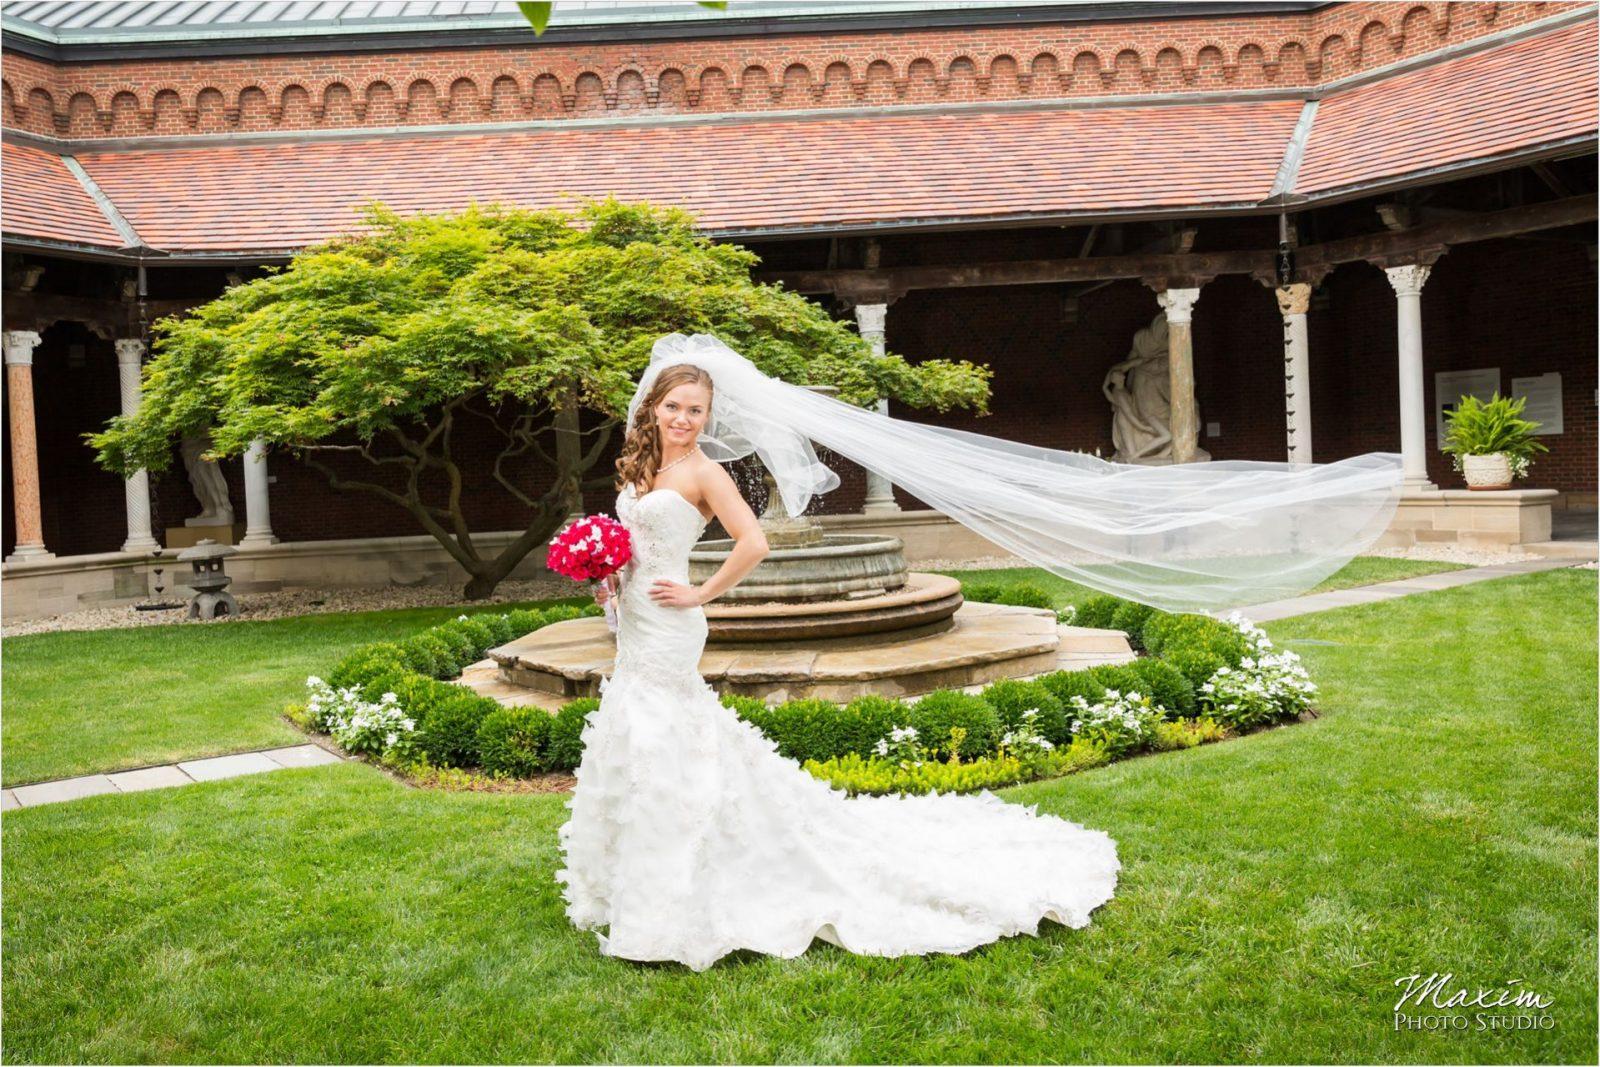 Dayton Art Institute Weddings   Wedding Venues in Dayton   Columbus Wedding Photographers   Wedding Photographers in Cincinnati   Dayton Wedding Photographers   Dayton Wedding Photo Locations